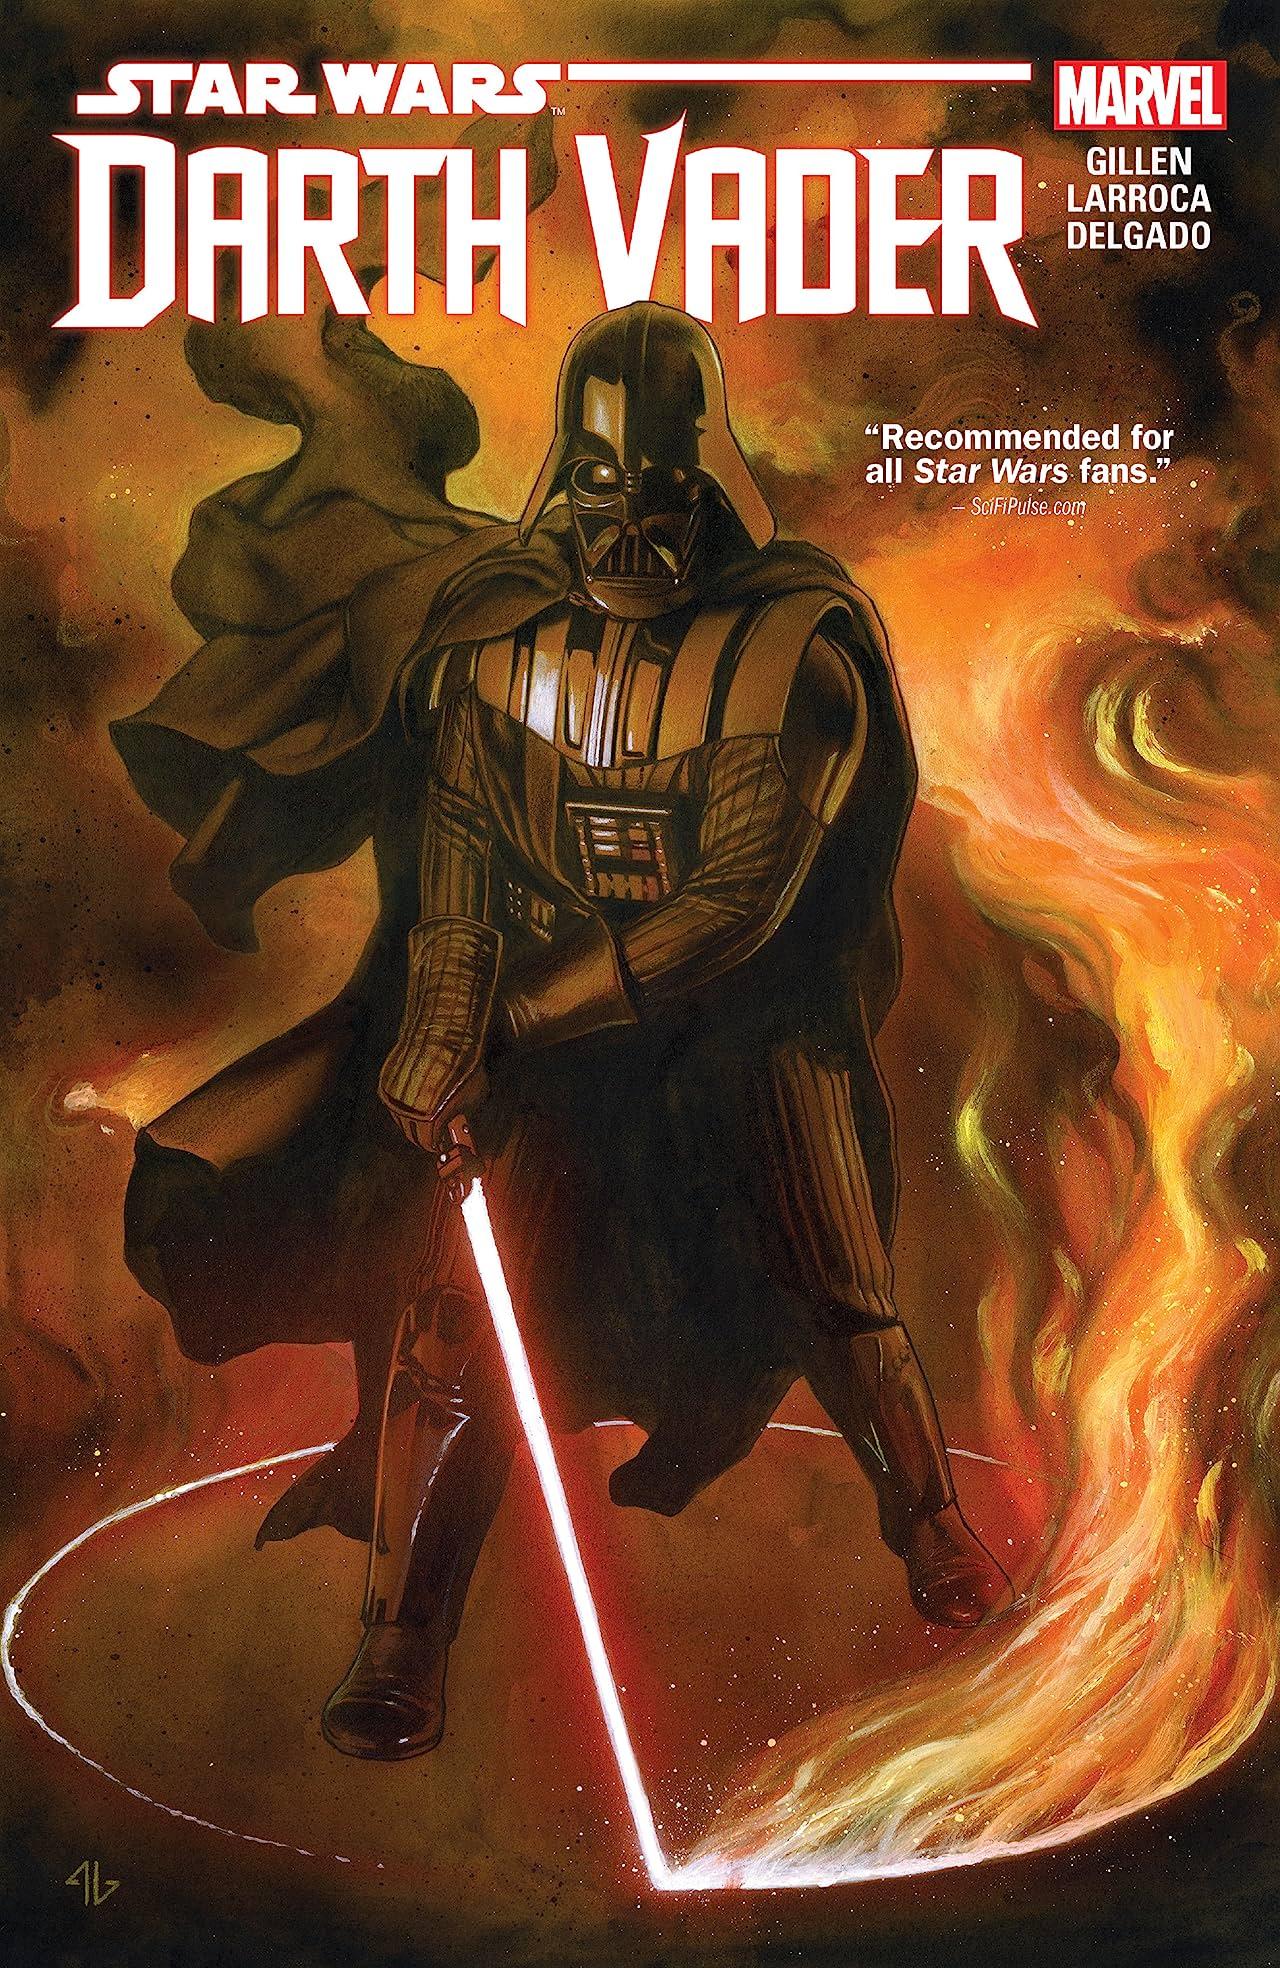 Star Wars: Darth Vader by Kieron Gillen Tome 1